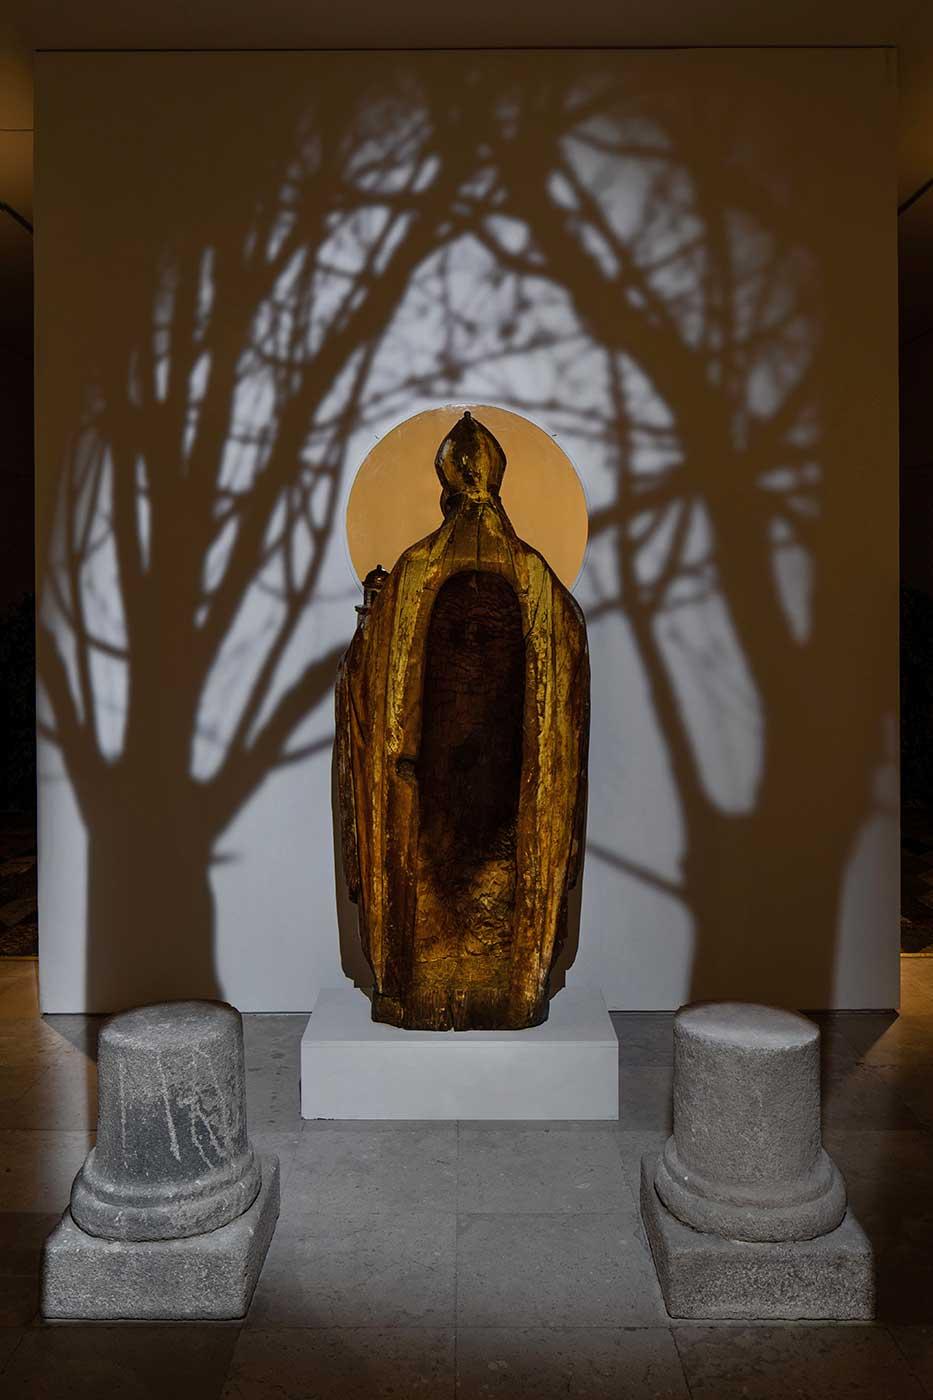 A experiência imersiva de Borondo sobre o património artístico Artes & contextos Hereditas Borondo ph © Roberto Conte 4